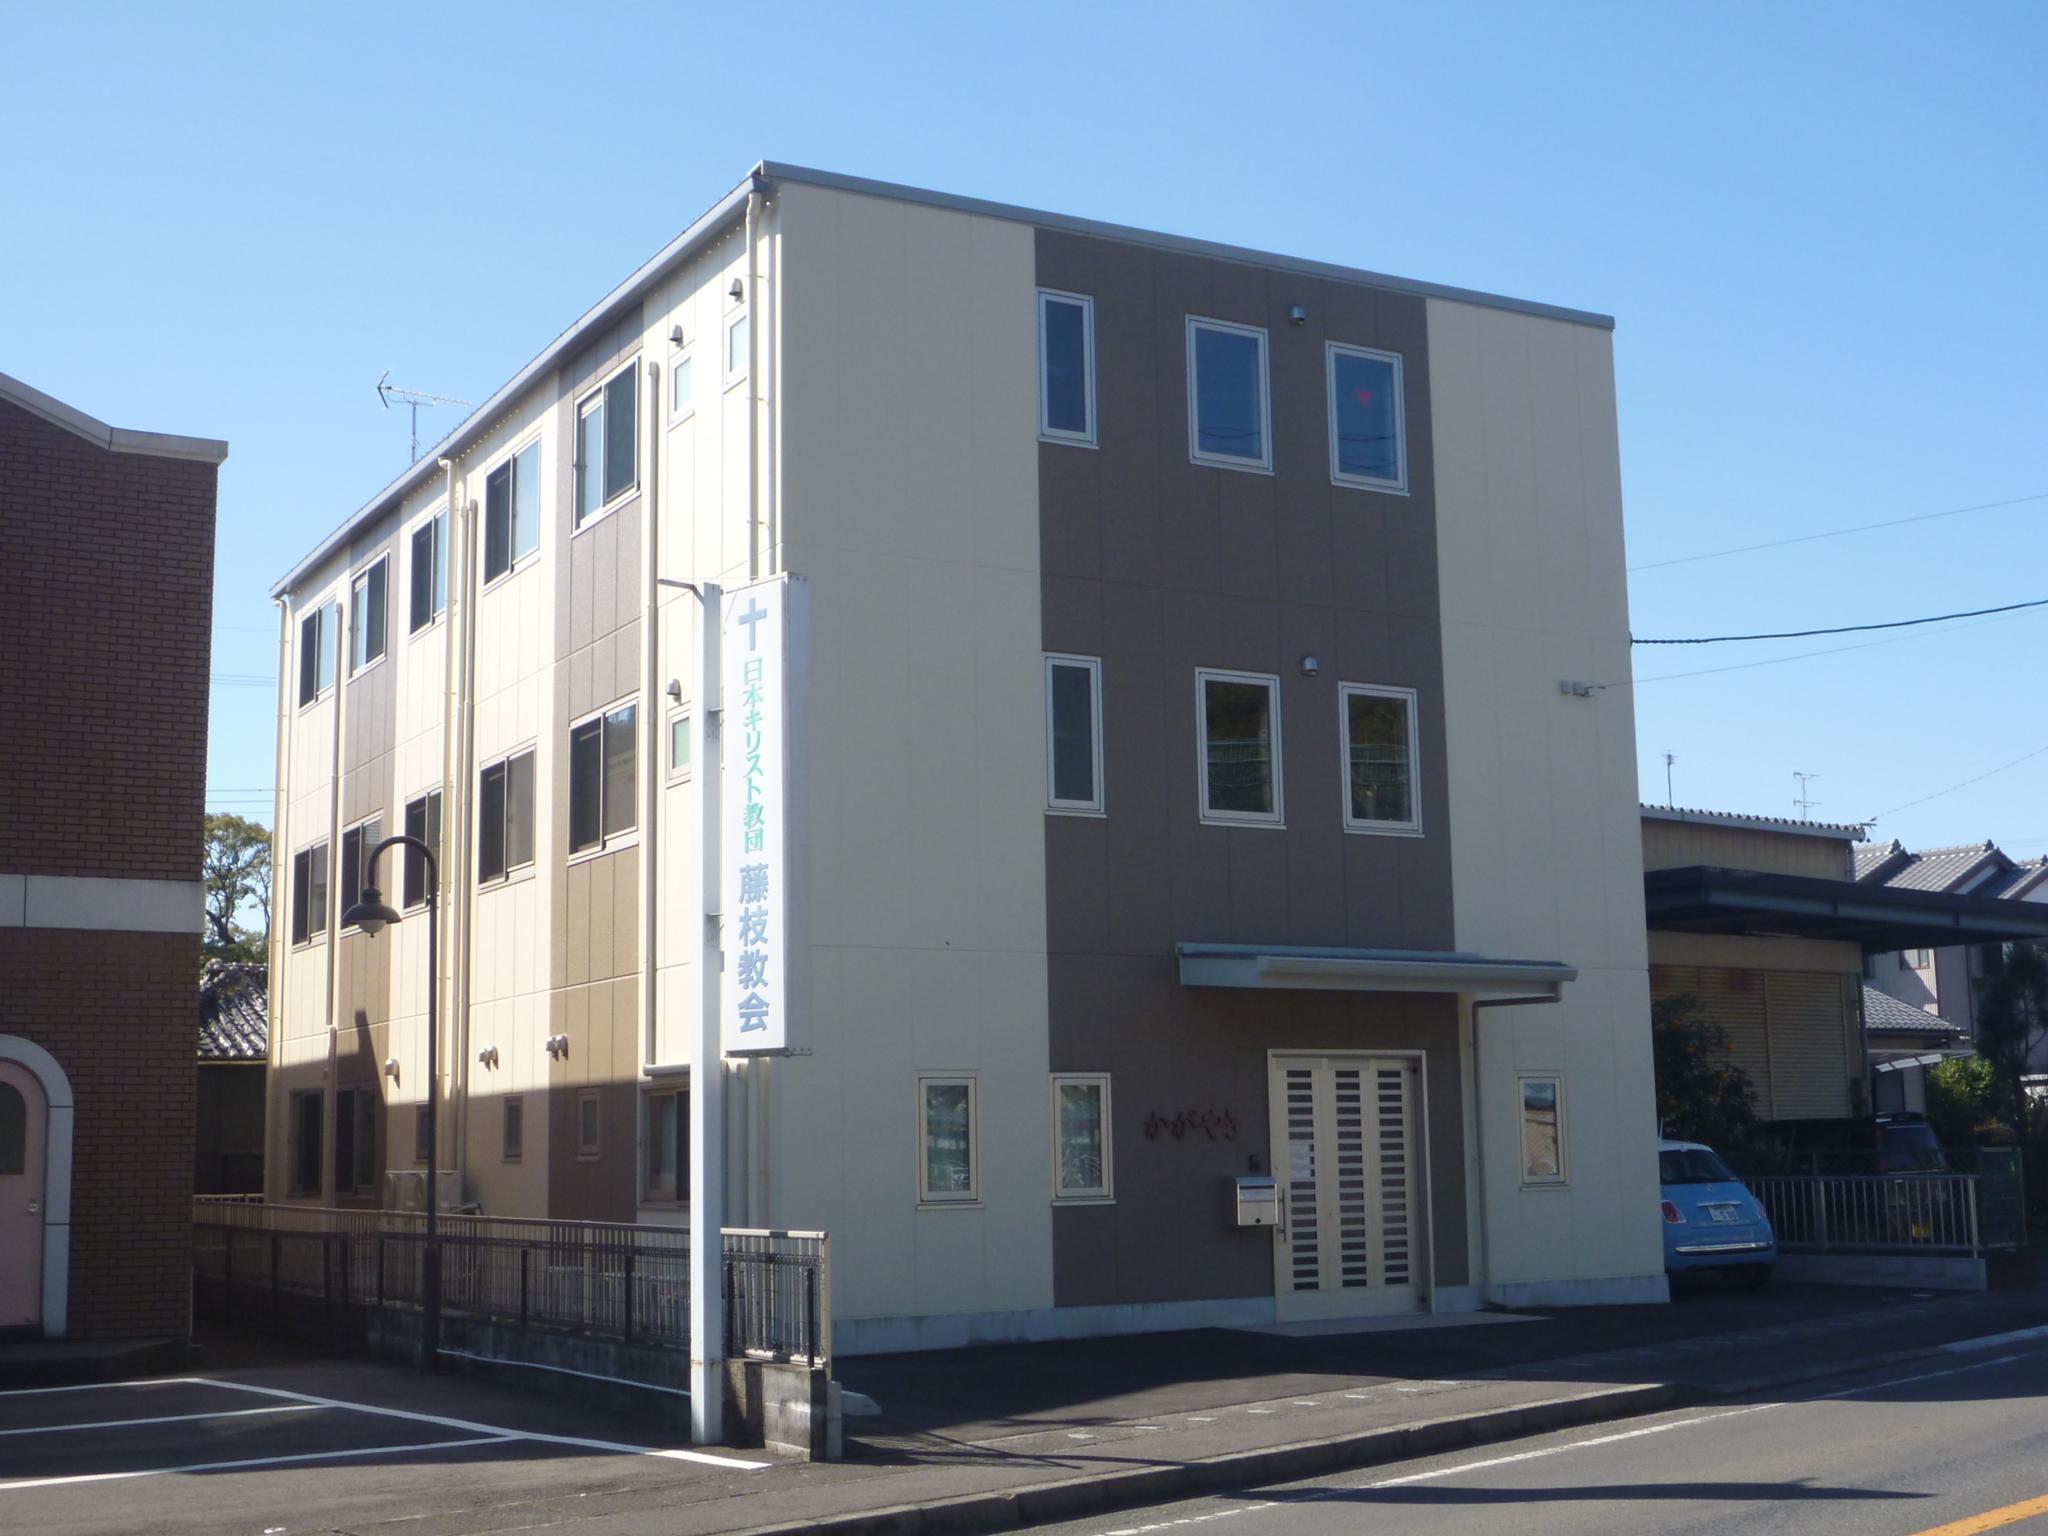 1509芳村様寄宿舎 藤枝市 草ヶ谷.JPG